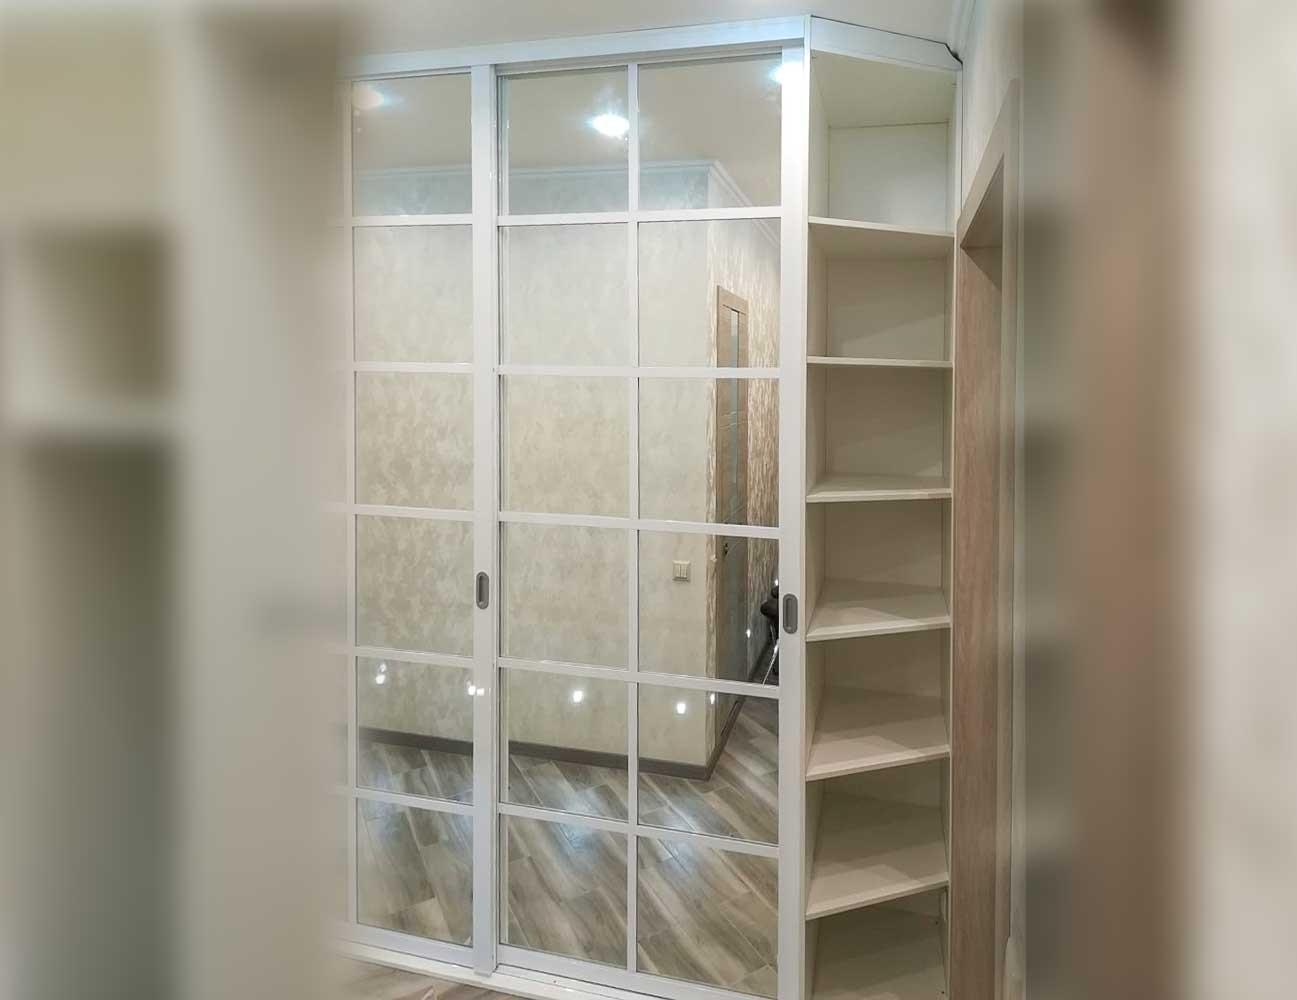 Встроенный шкаф-купе с зеркалами и делителями